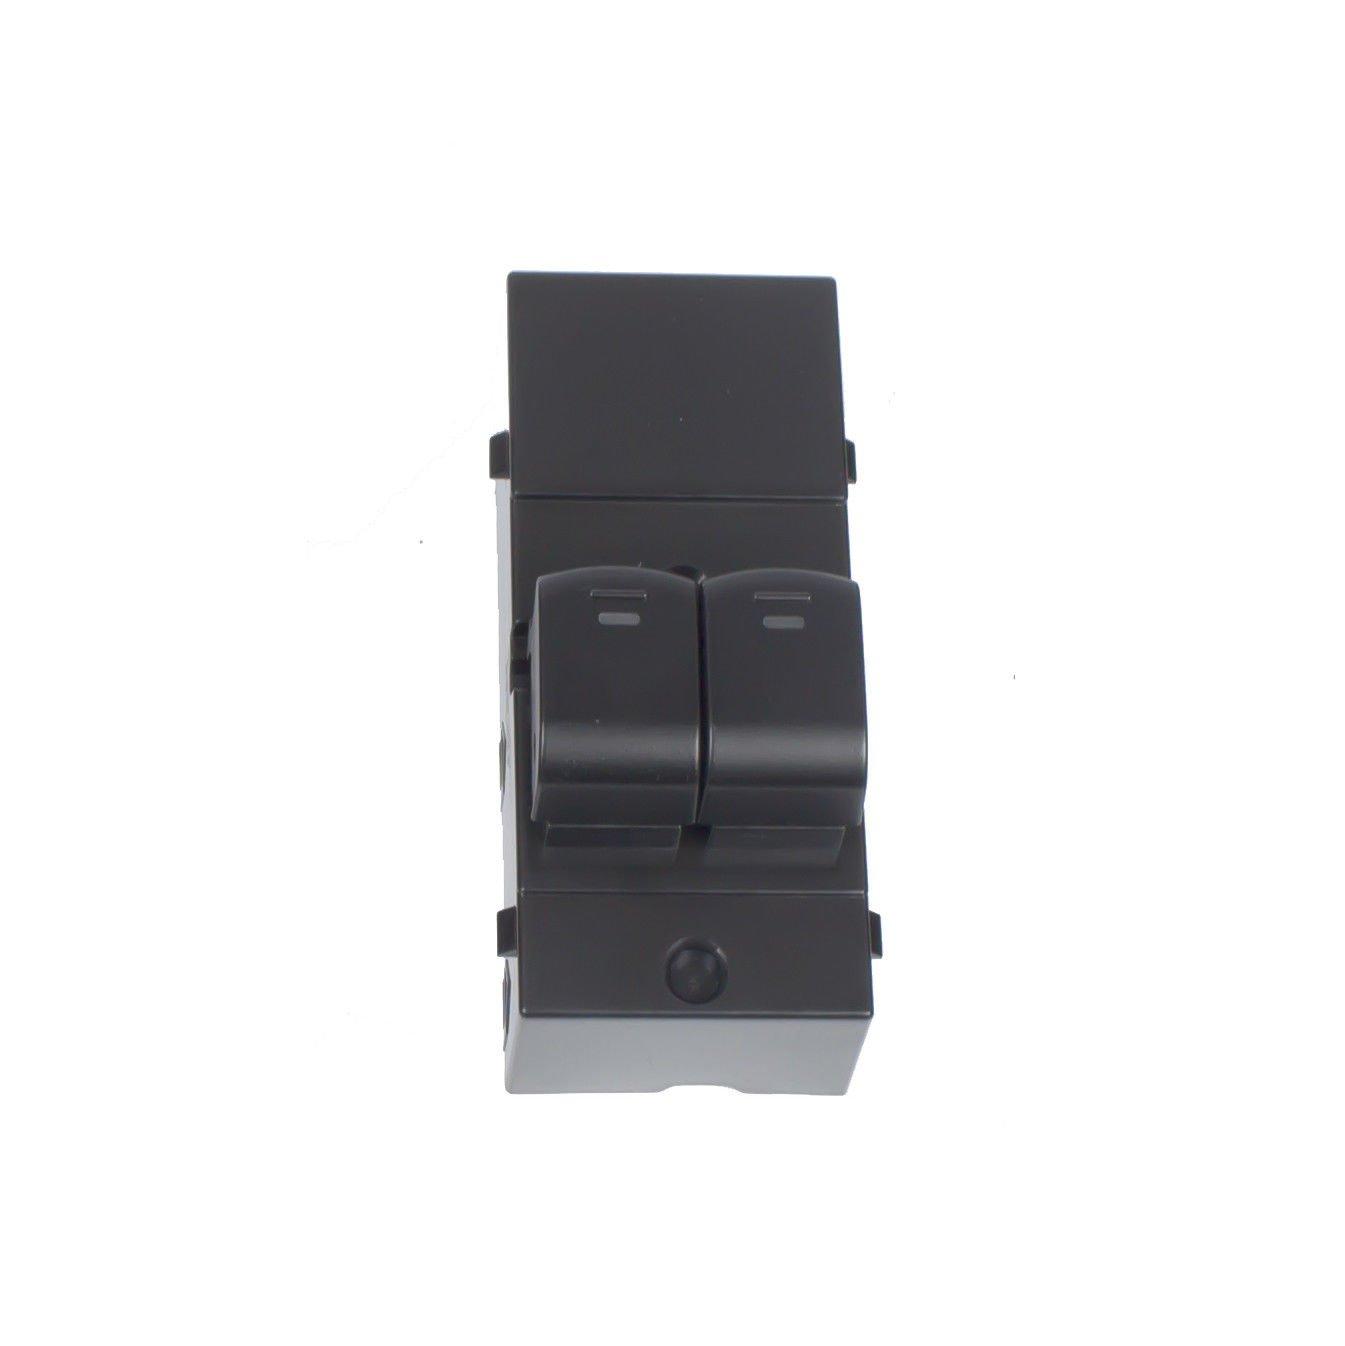 elettrico interruttore di controllo della finestra anteriore dx = SX 25401-ax600 by TK auto parts ENVA